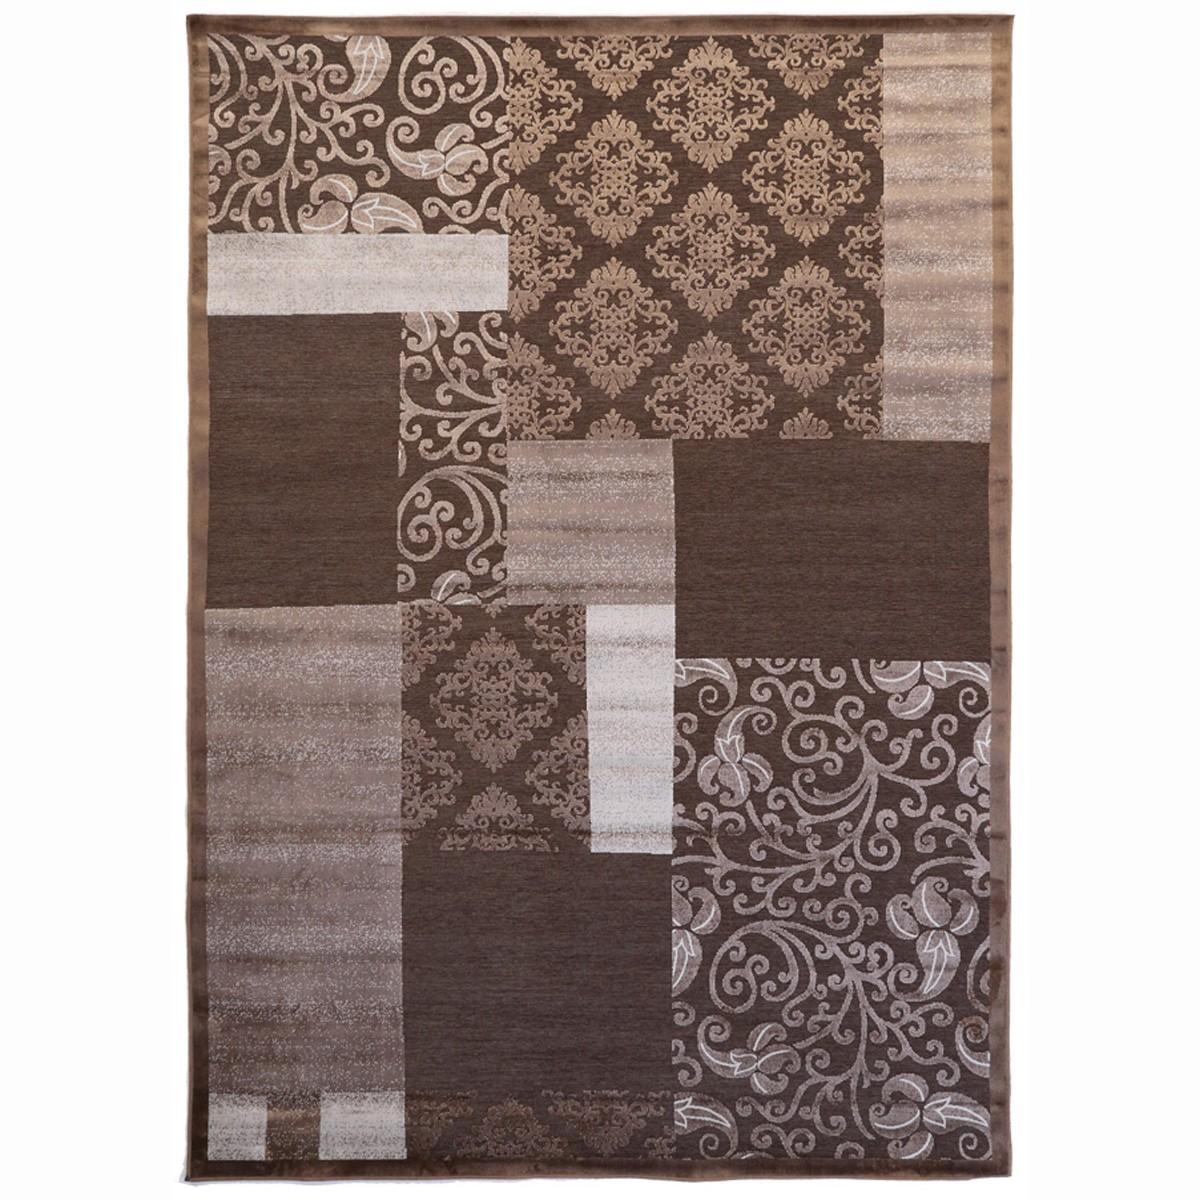 Καλοκαιρινό Χαλί (140x200) Royal Carpets Soho Choco 1335 84